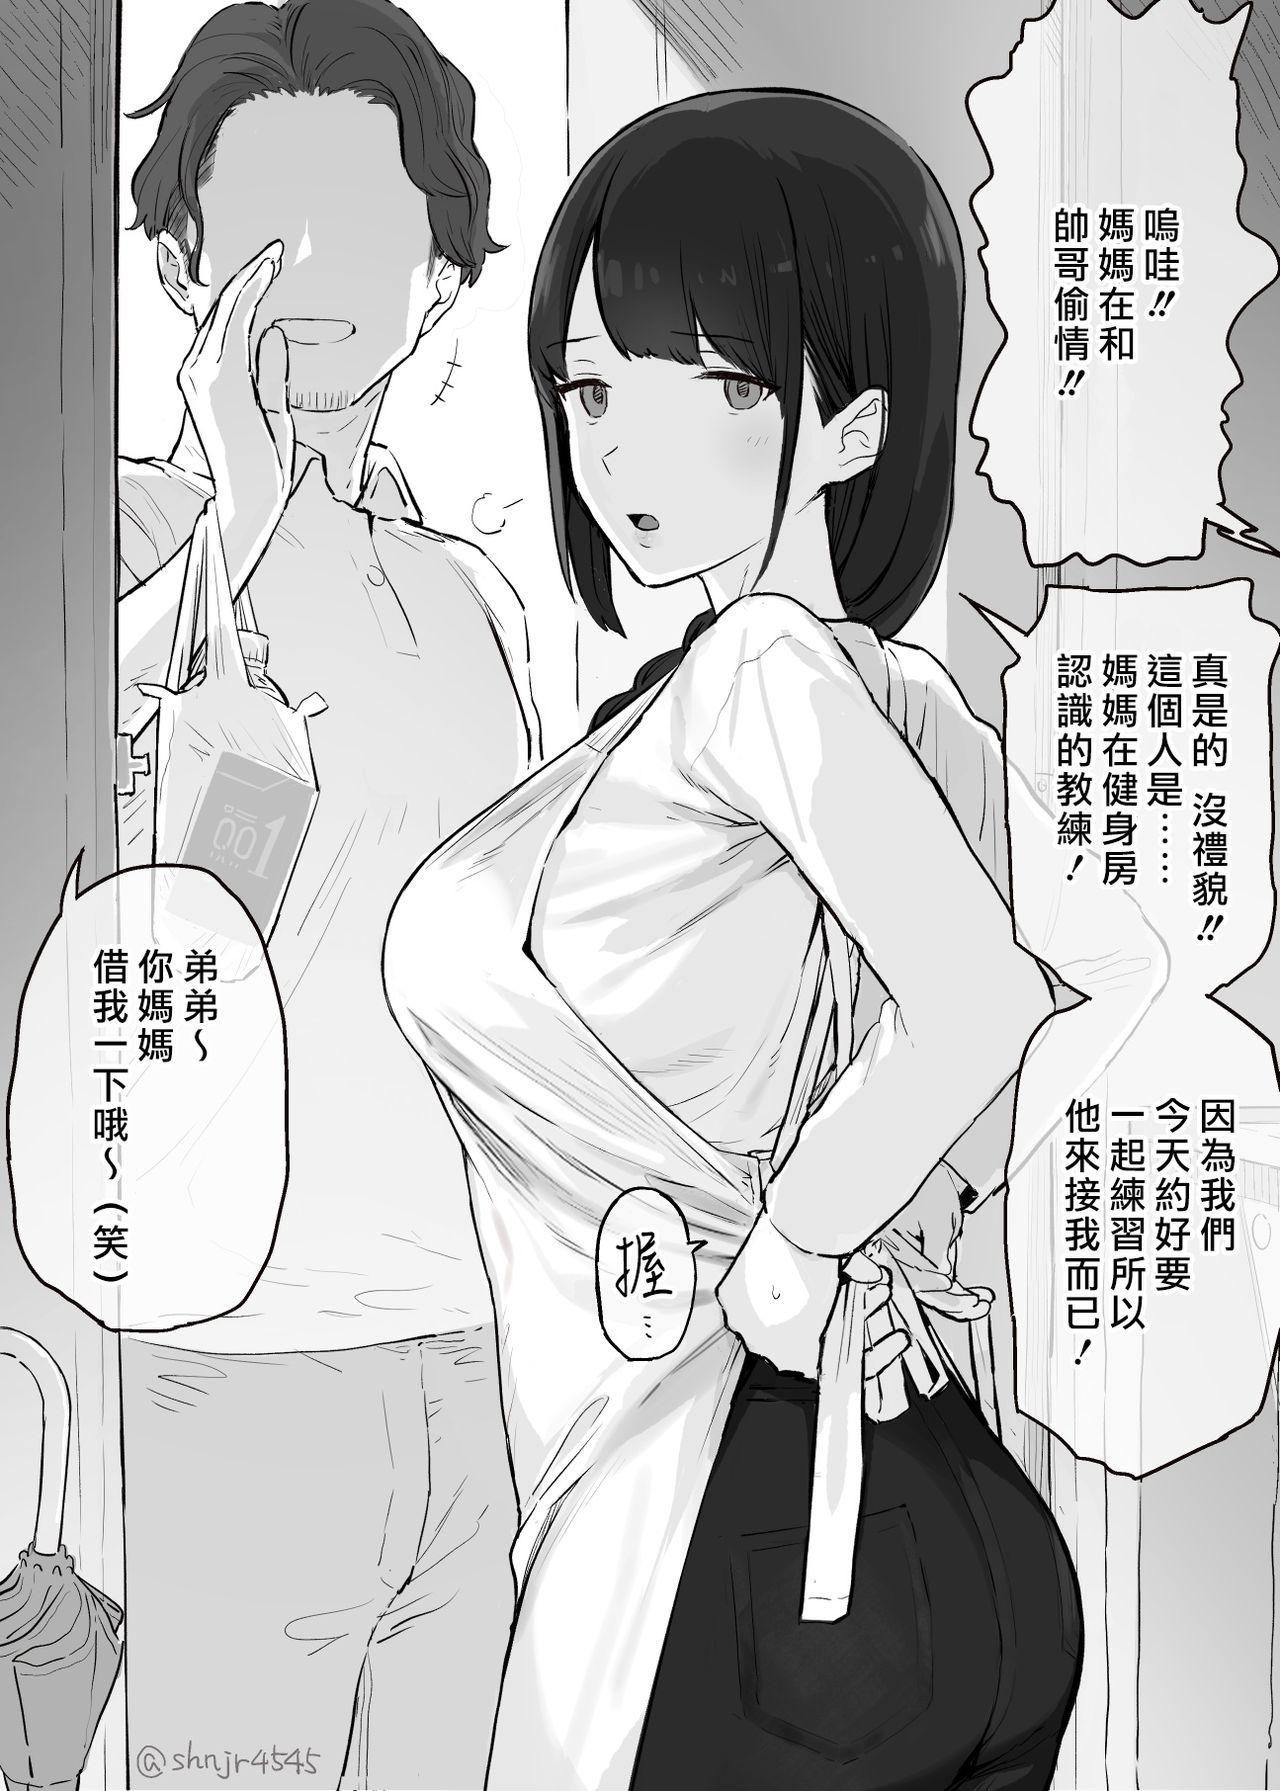 Shinjiroya 13